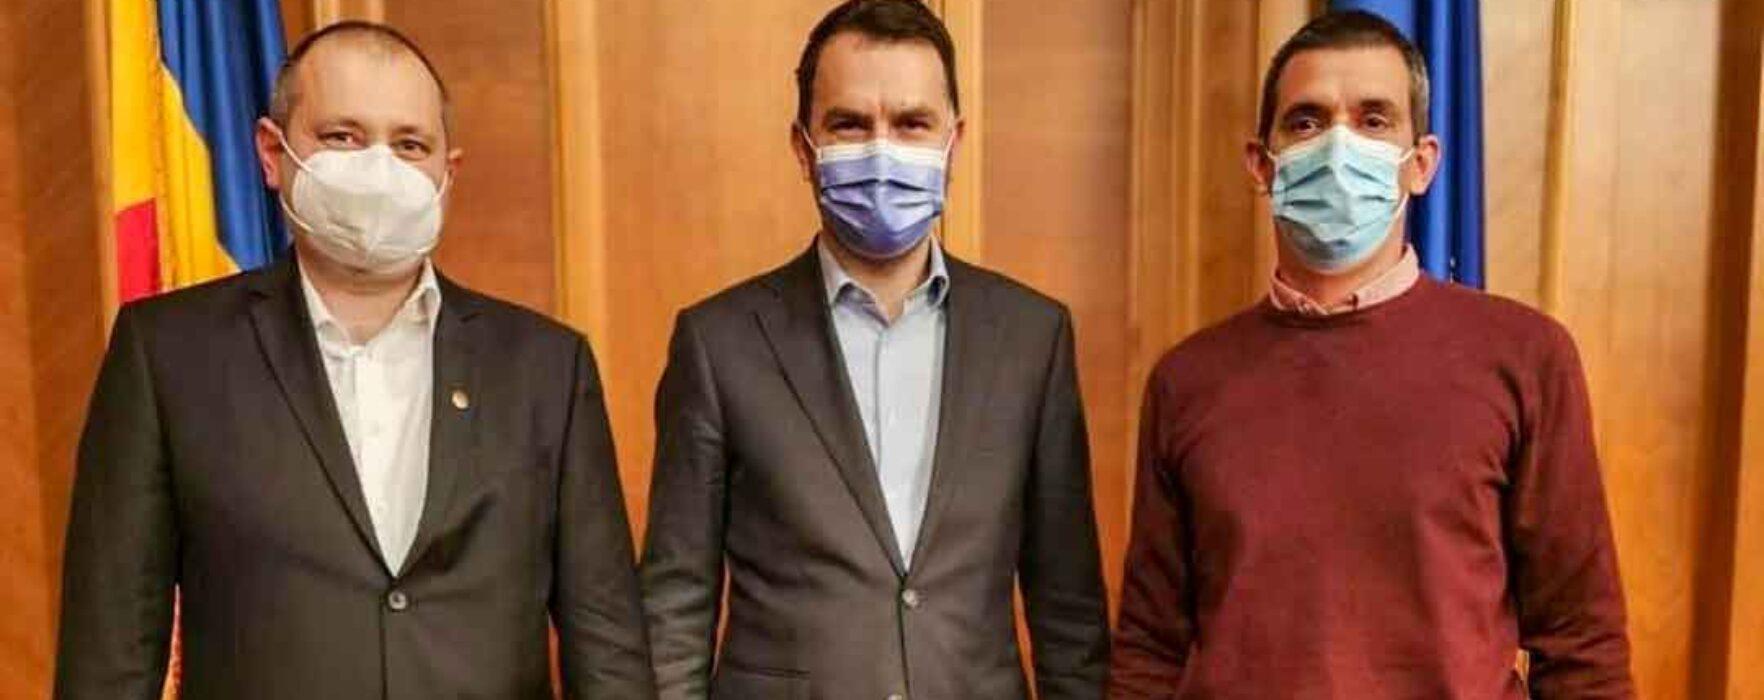 Tot ce au reuşit parlamentarii USR de Dâmboviţa la întâlnirea cu ministrul USR al Transporturilor: o poză pe facebook; DN71 nu se face